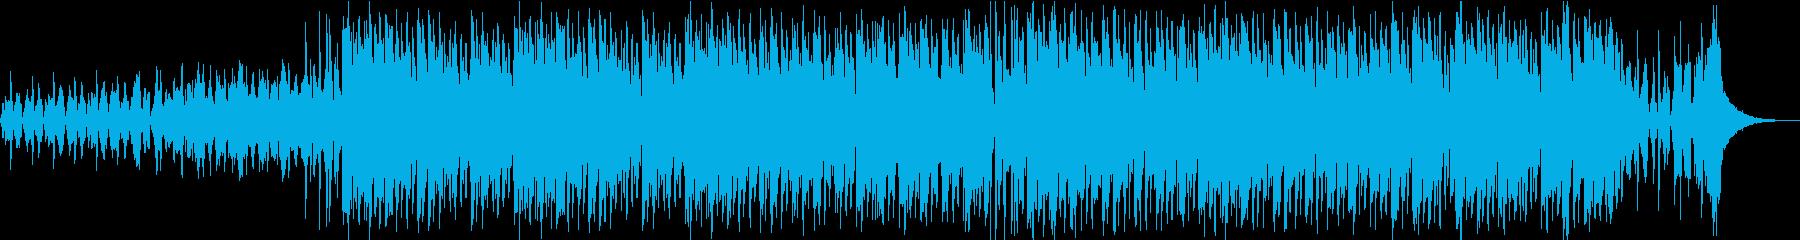 レトロでダンサブルなBGMの再生済みの波形